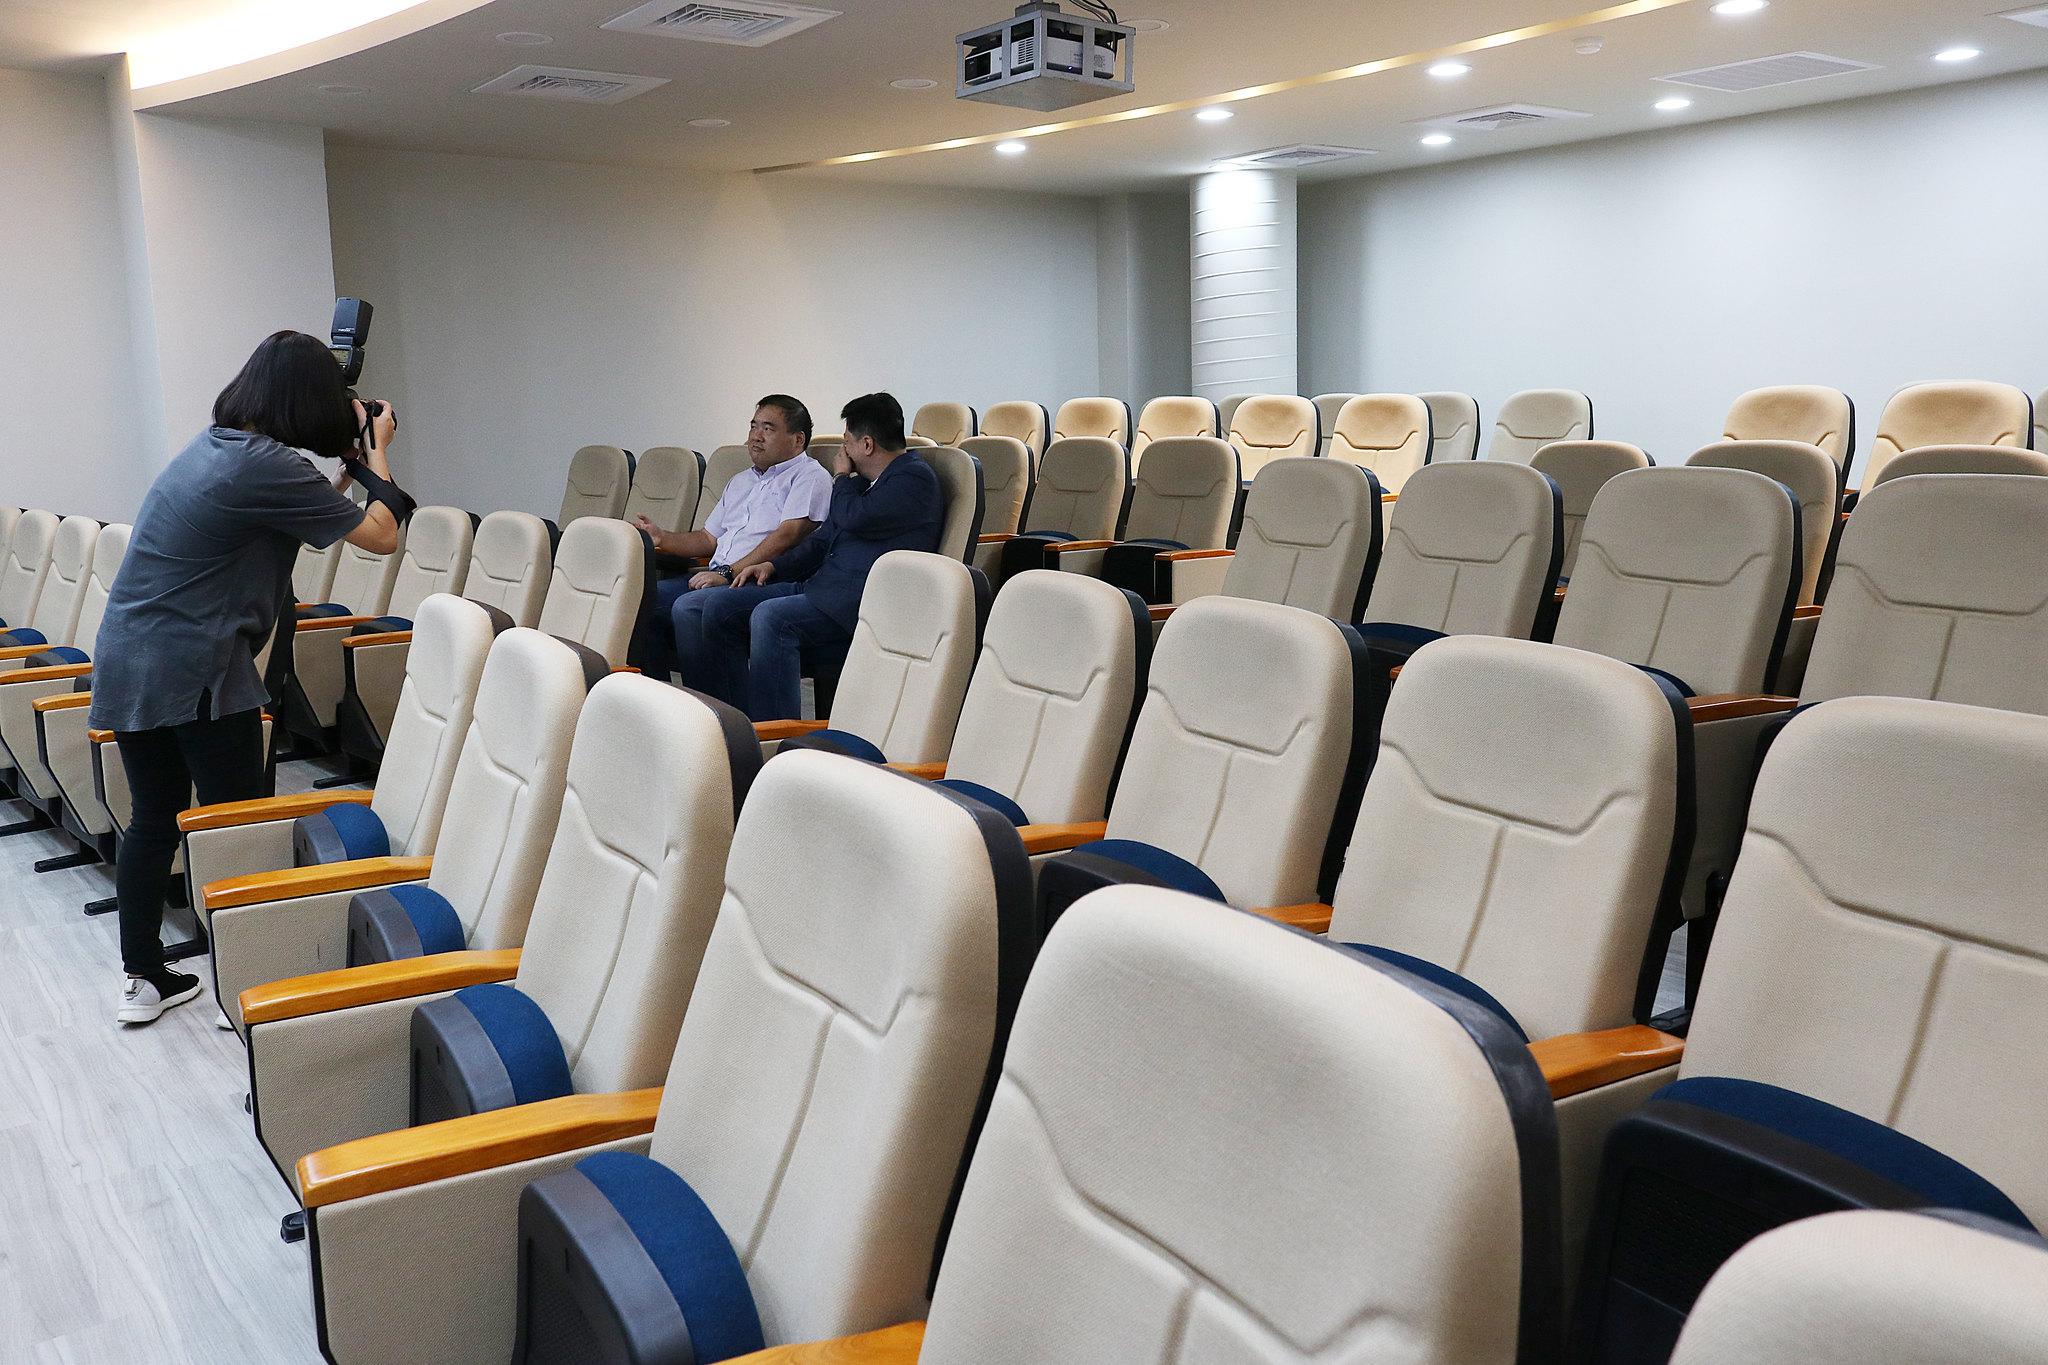 cb階梯教室